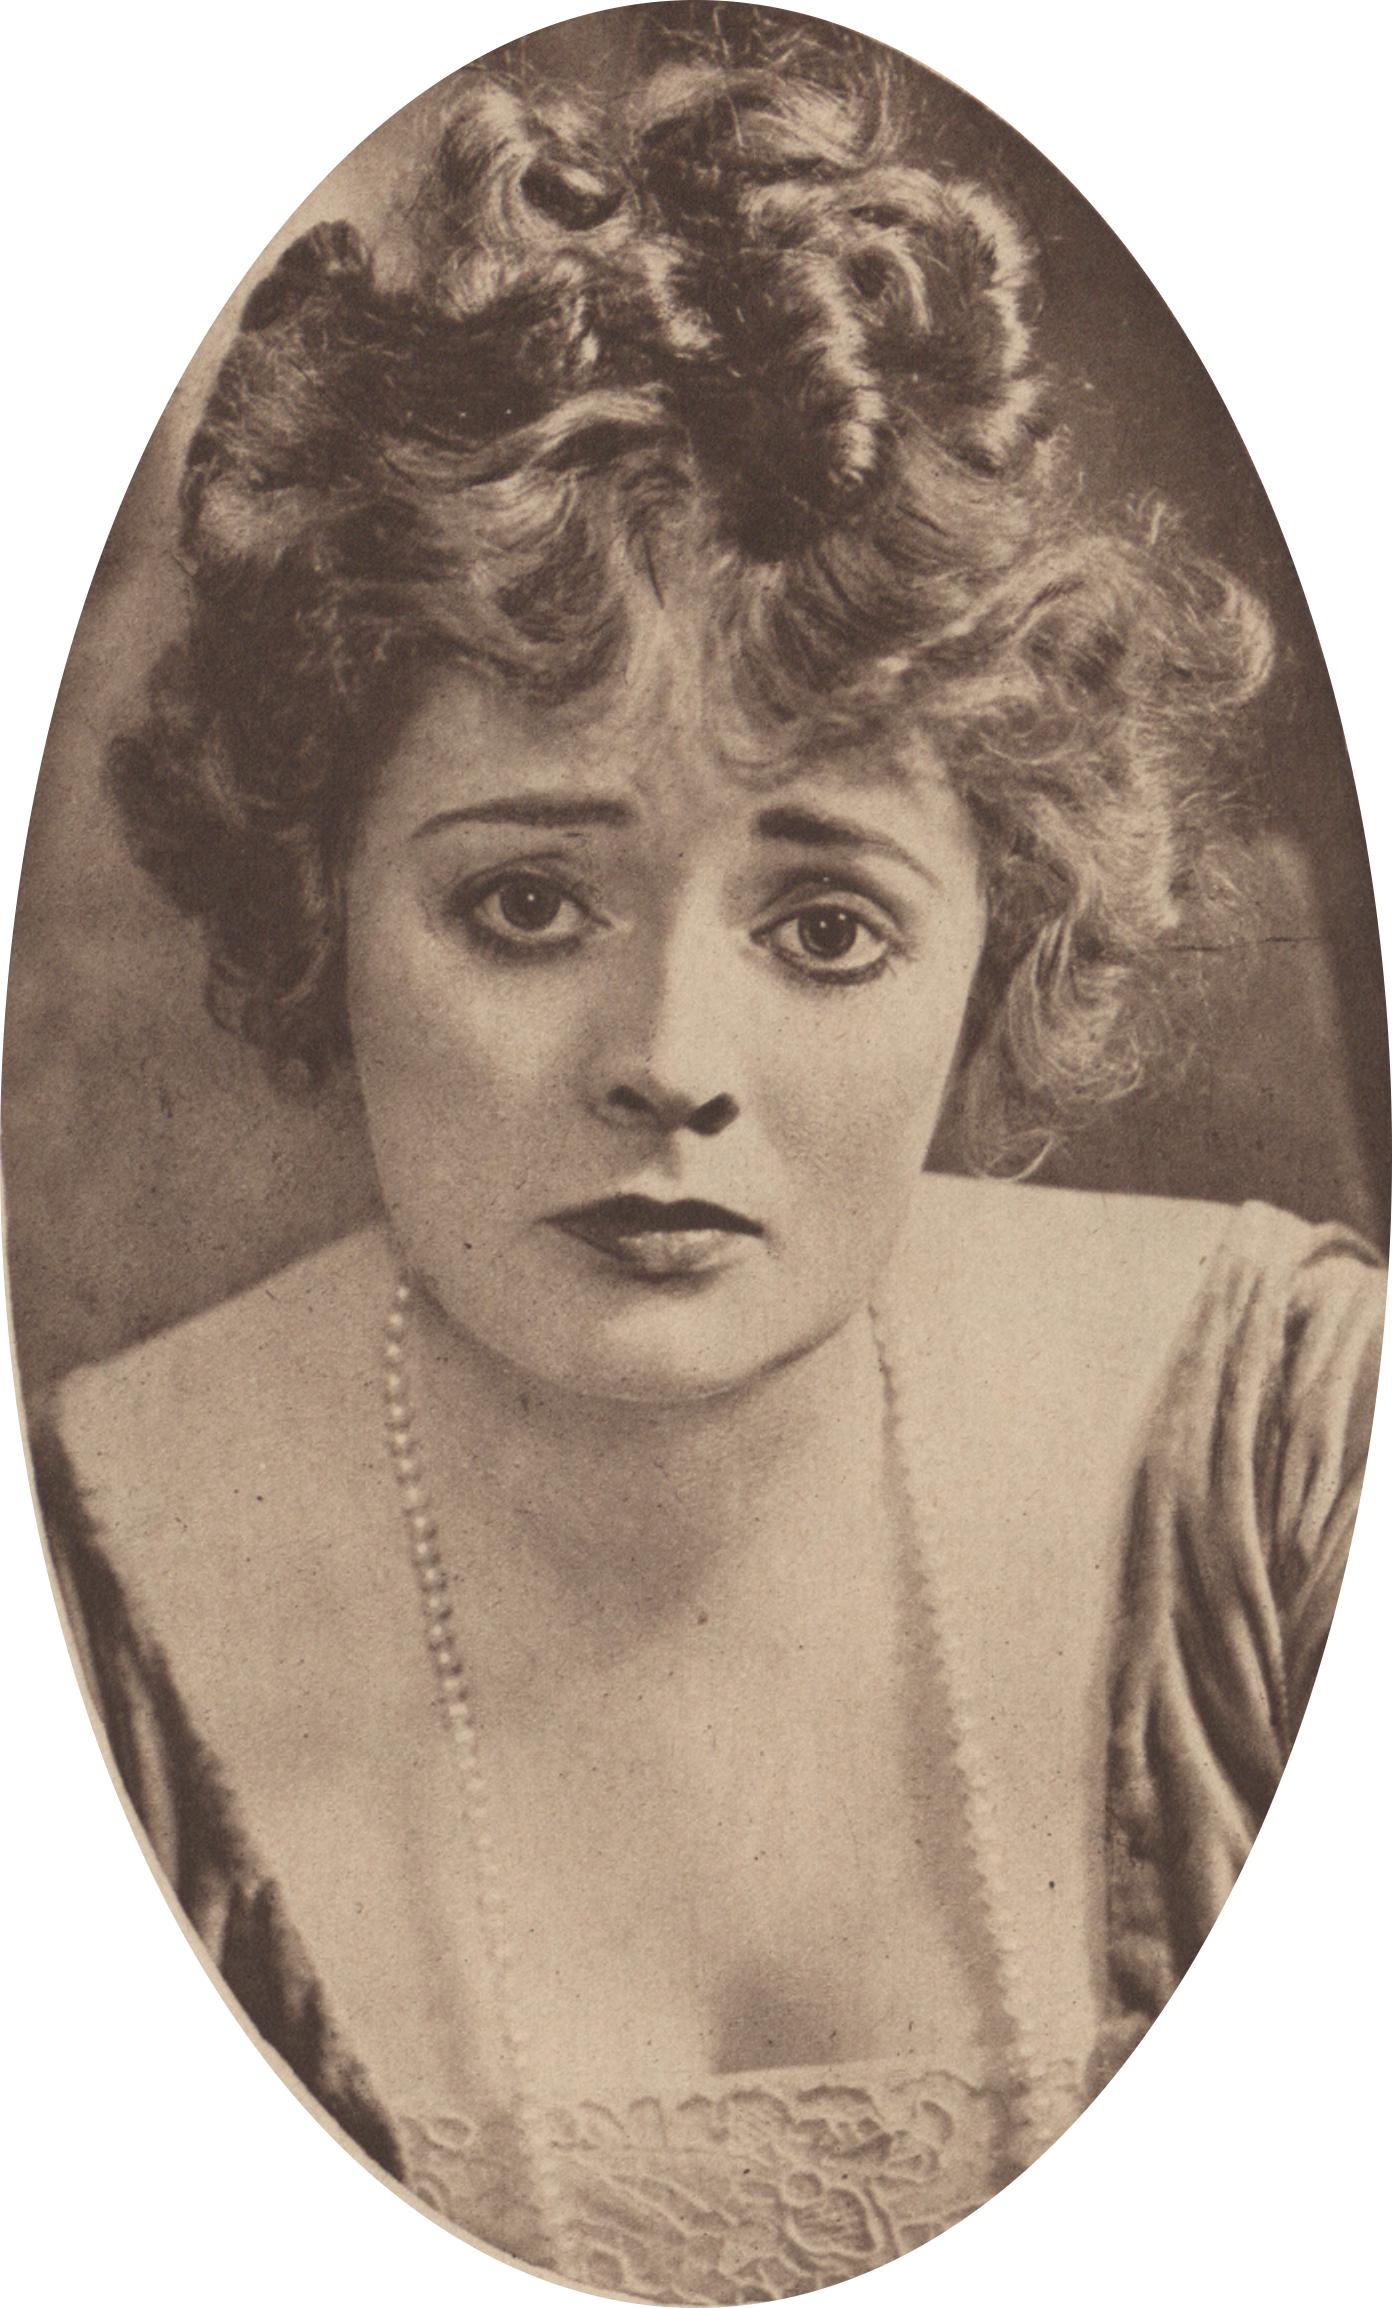 Estelle Asmodelle